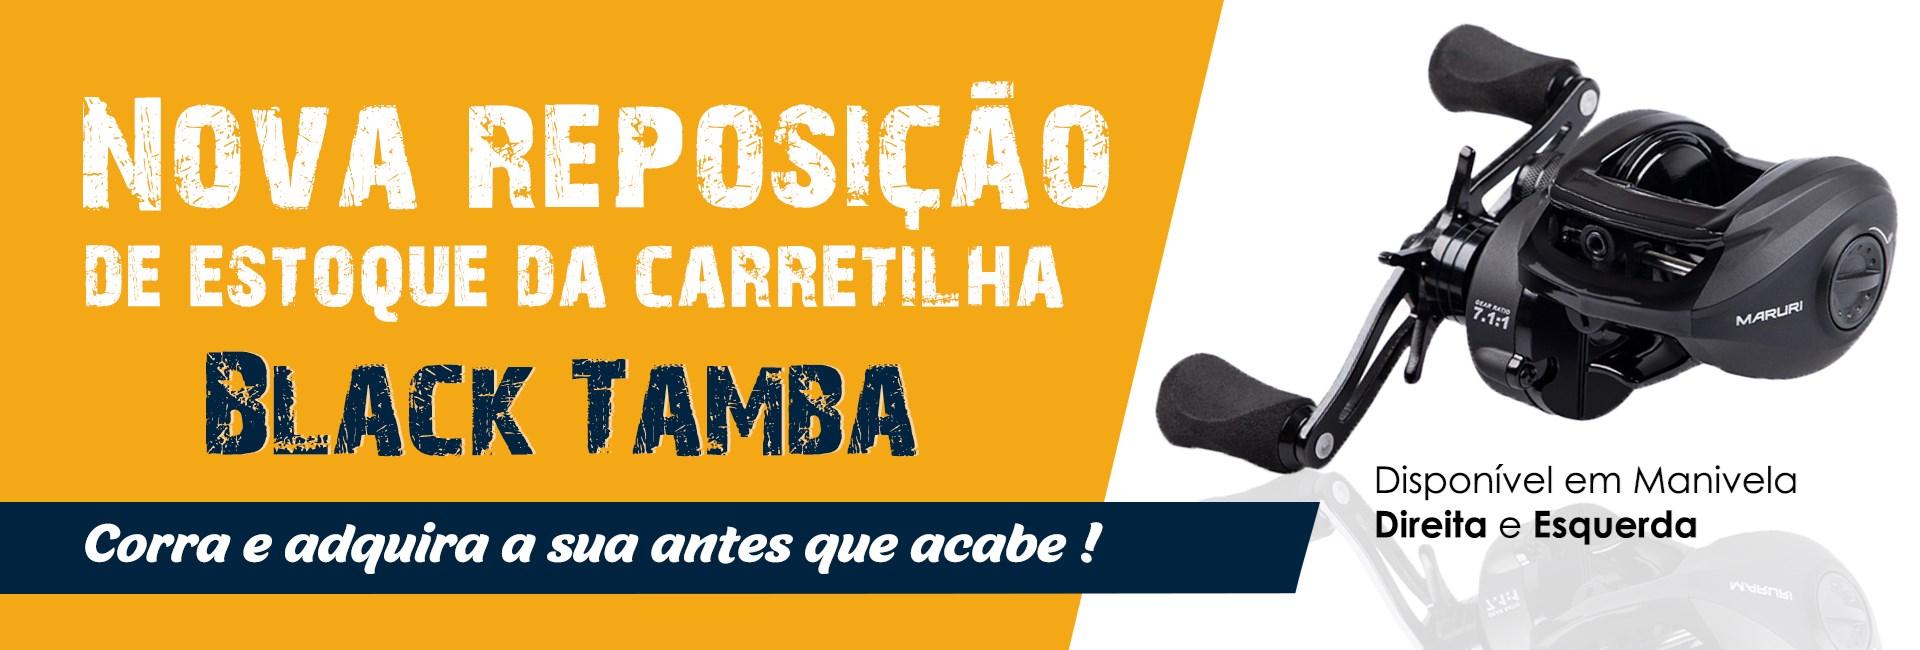 Reposição Carretilha Maruri Black Tamba